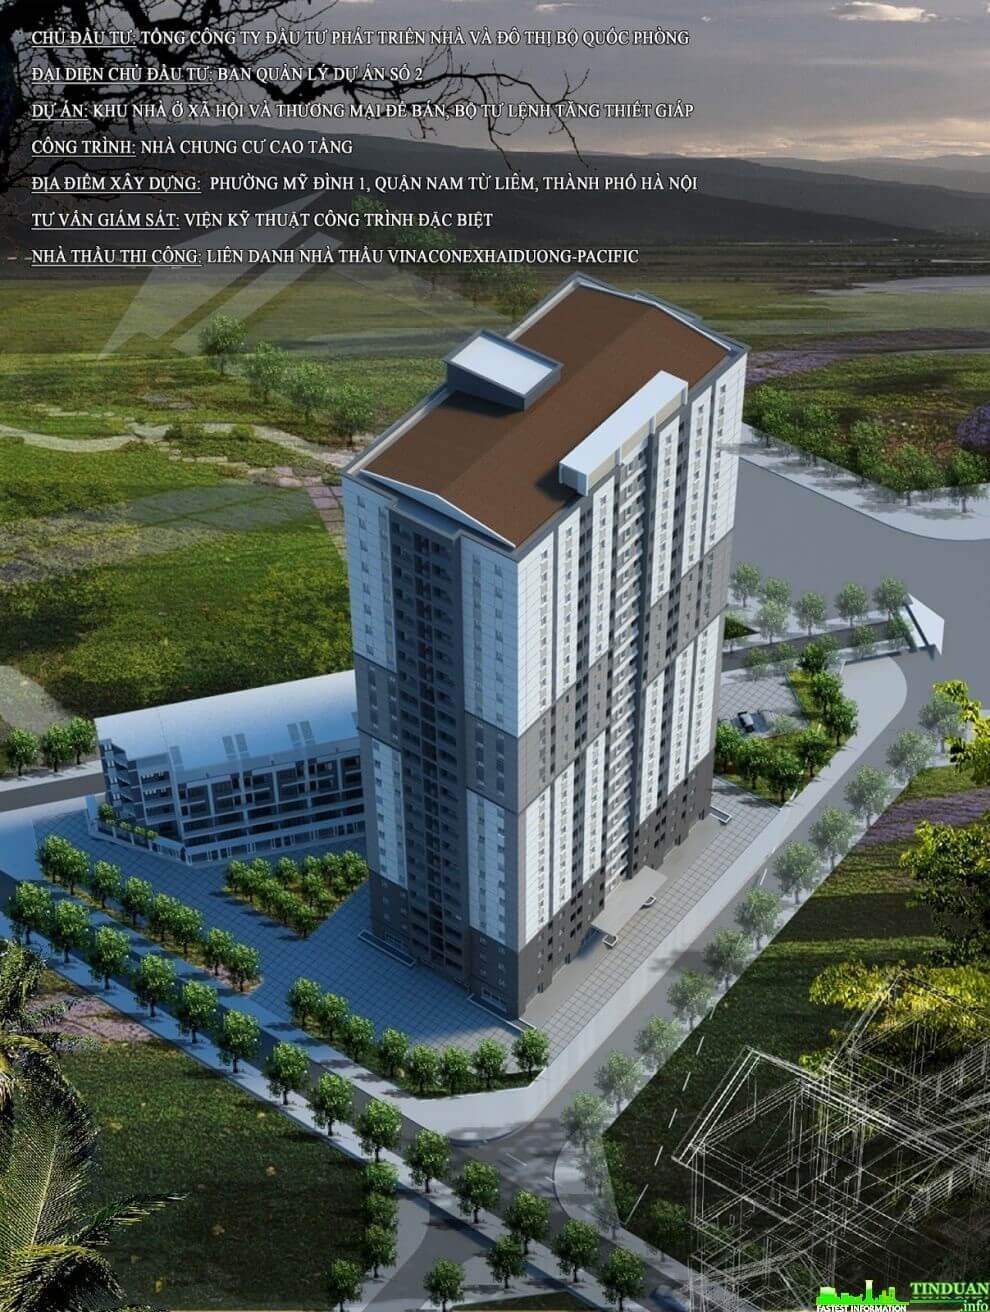 Dự án căn hộ chung cư Tăng Thiết Giáp